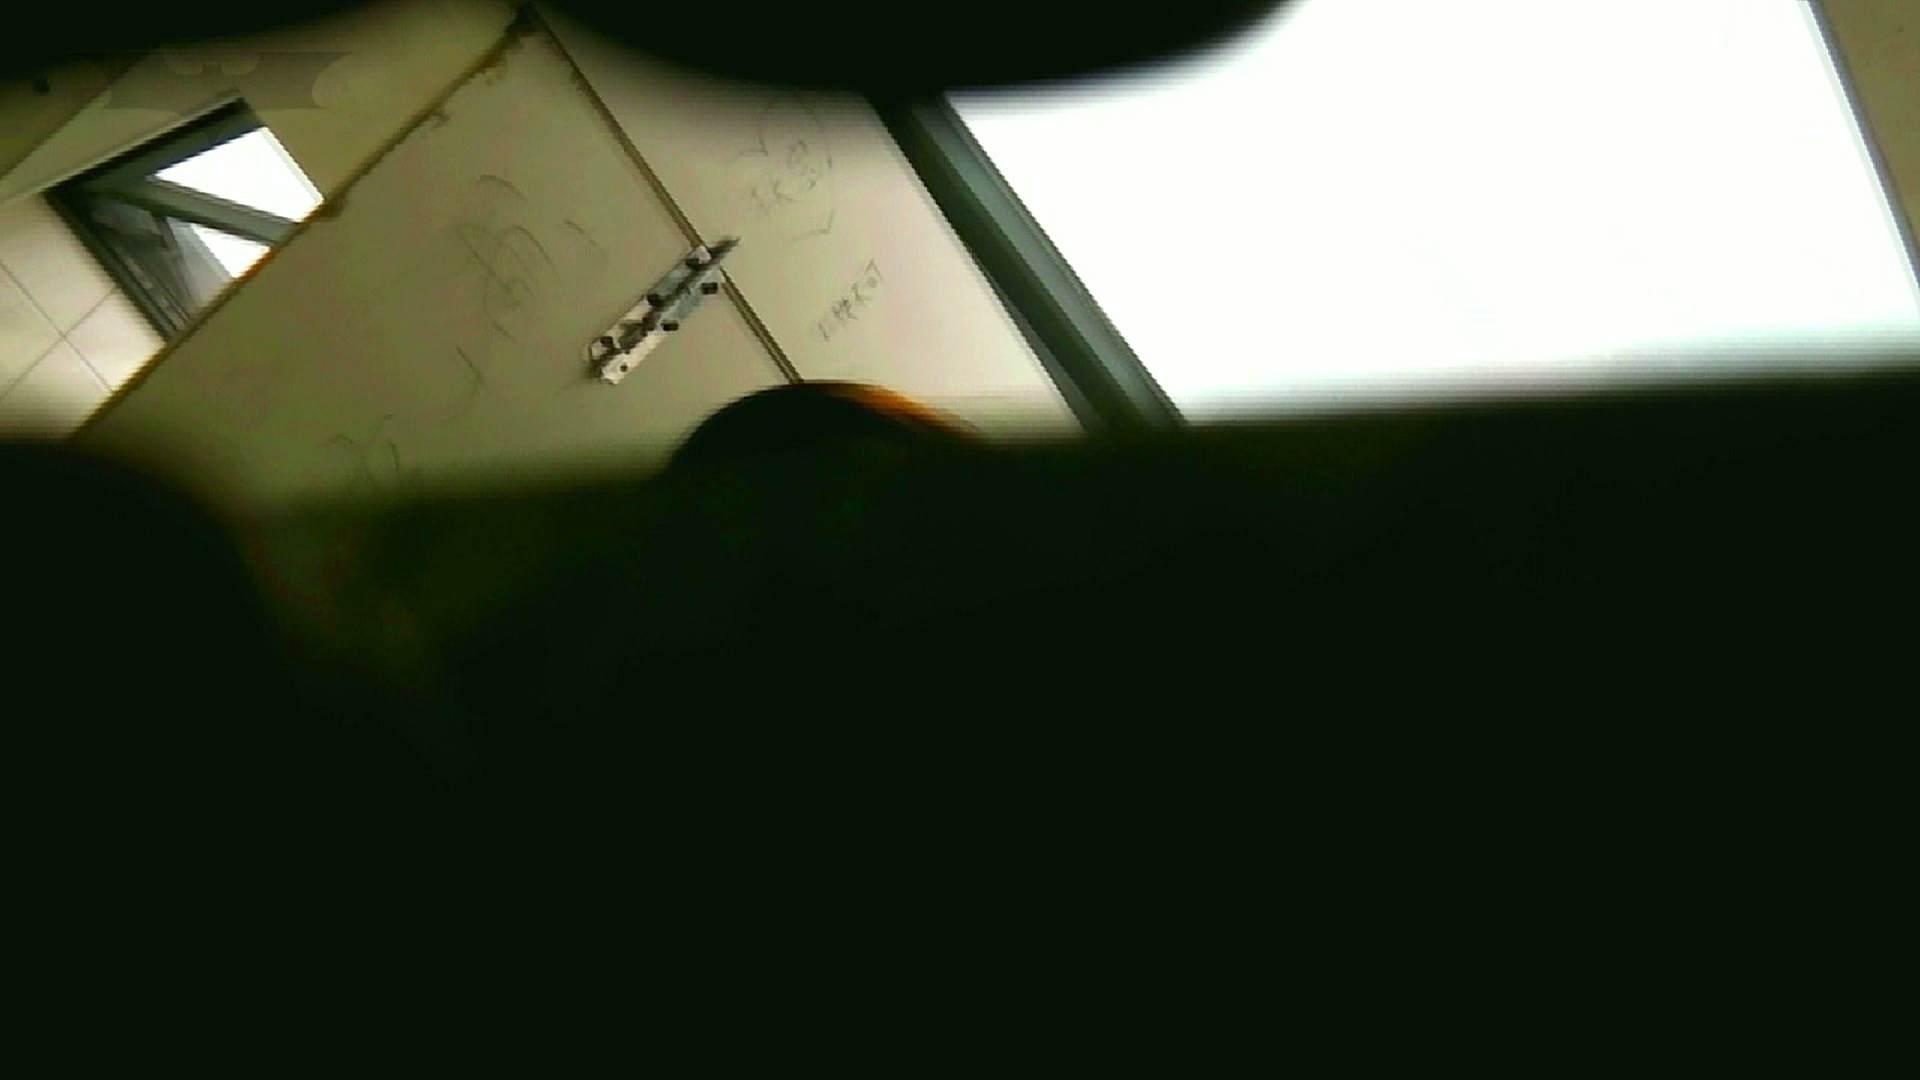 ステーション編 vol.29 頭二つ飛び出る180cm長身モデル ギャル達 | 丸見え  111枚 26